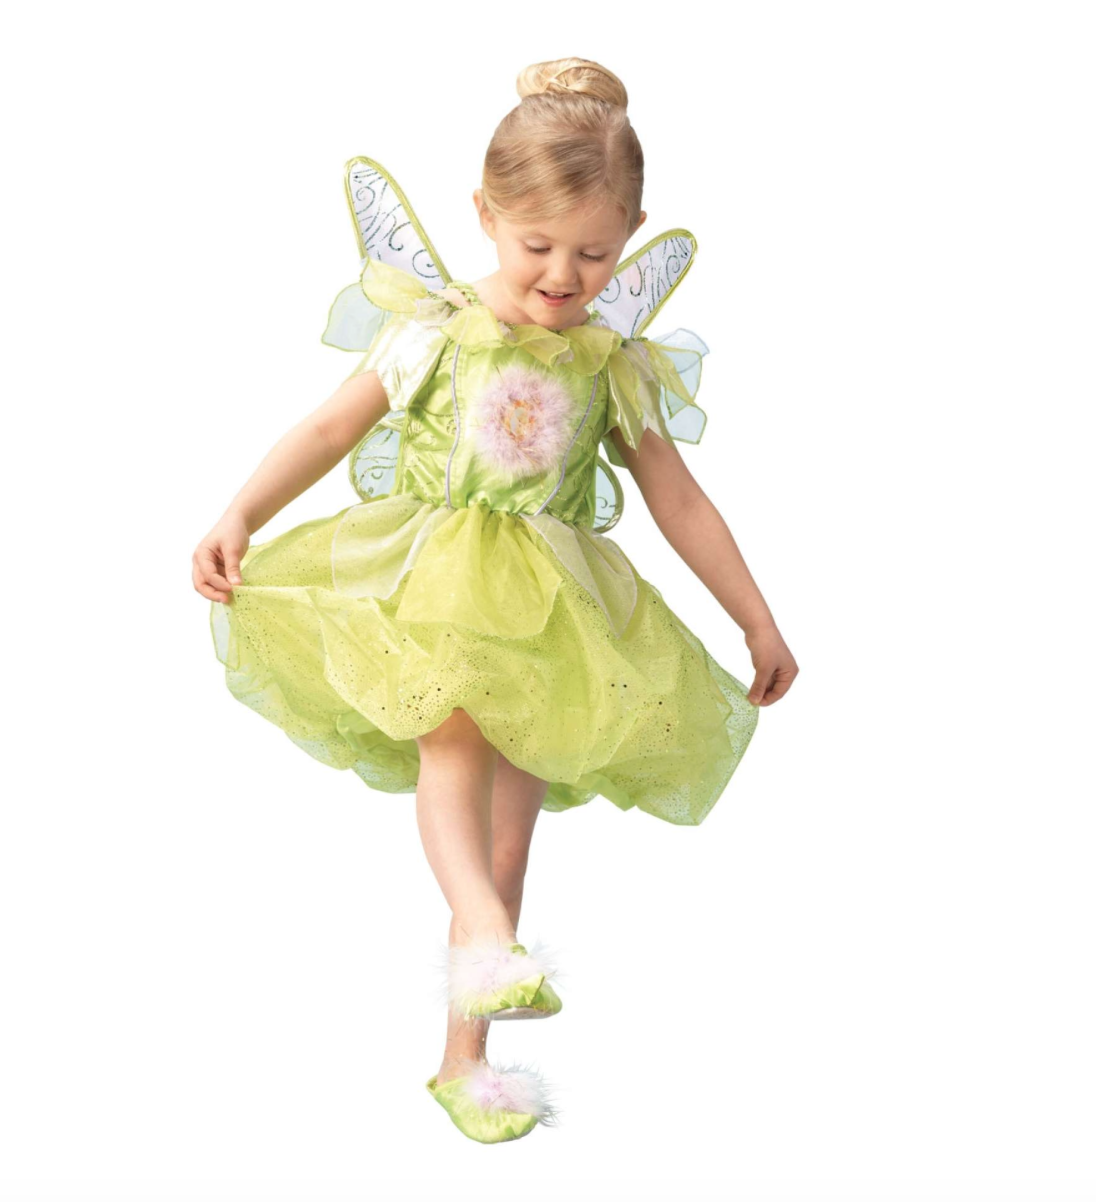 klokkeblomst kostume til børn, klokkeblomst udklædning til børn, klokkeblomst tøj til børn, klokkeblomst kjole til børn, peter pan kostume til børn, disney børnekostumer, disney kostumer til børn, alletiders disney